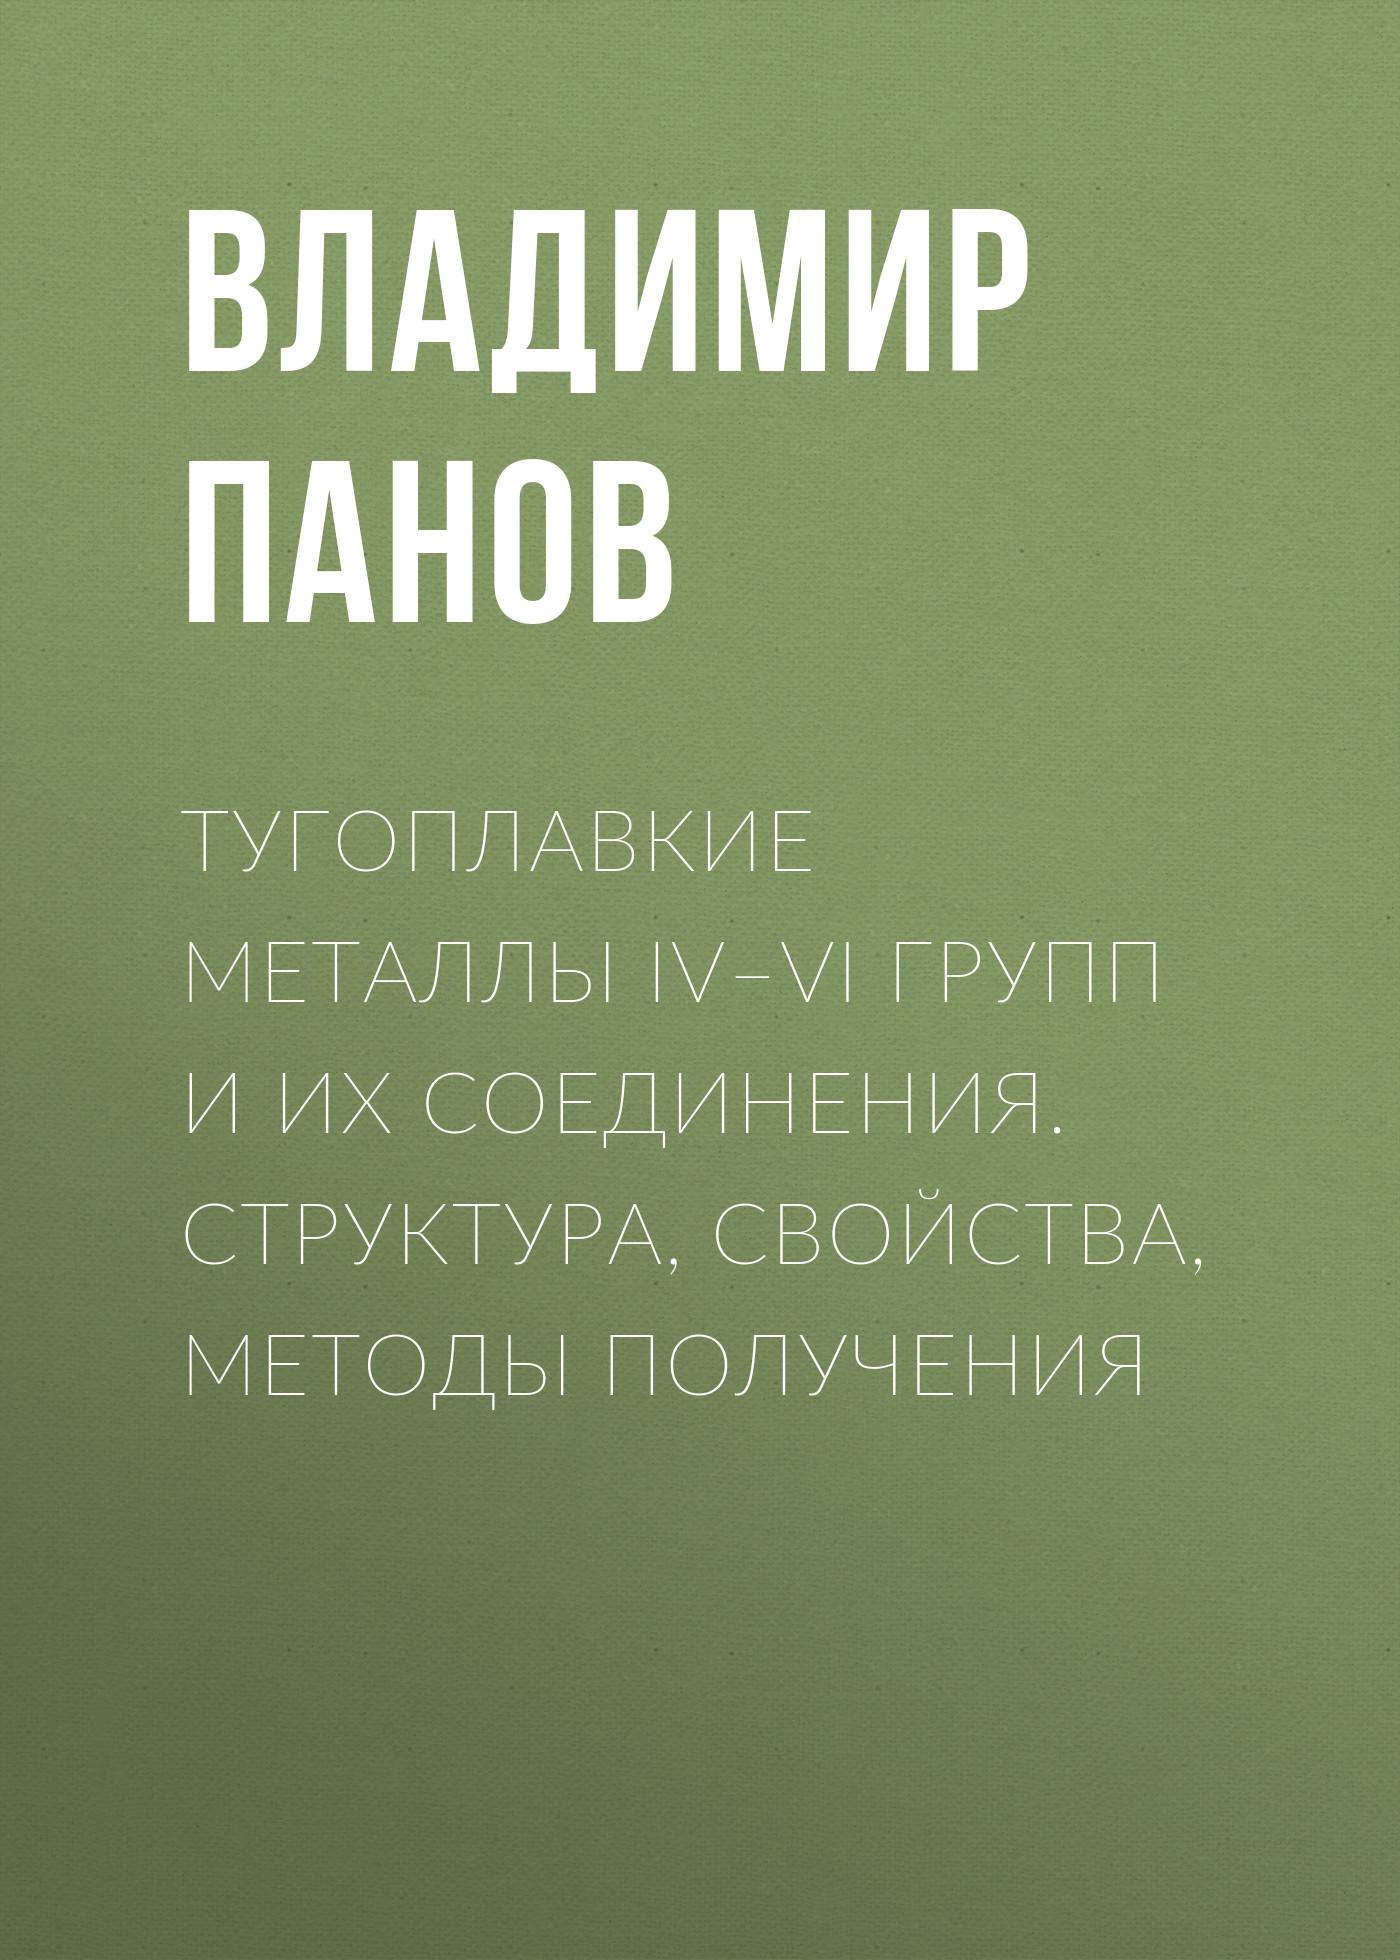 Владимир Панов Тугоплавкие металлы IV–VI групп и их соединения. Структура, свойства, методы получения vi 254 ev vi 254 iv